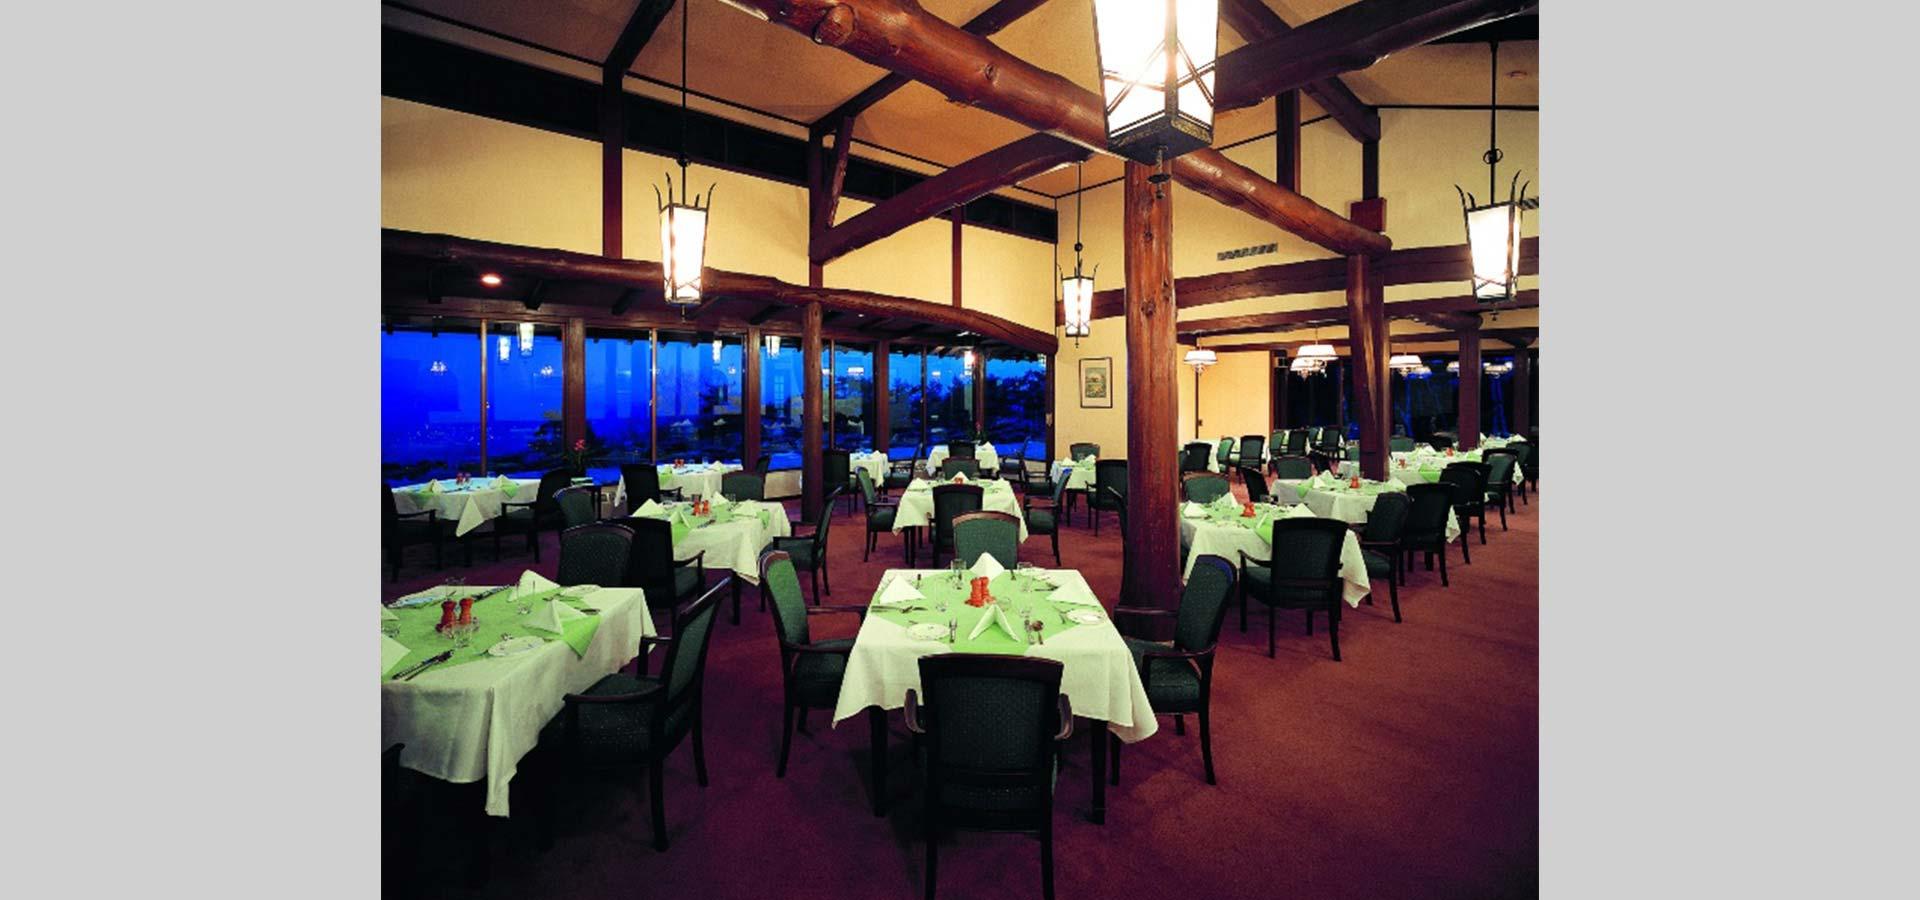 호텔 레스토랑 (양식과 일식)